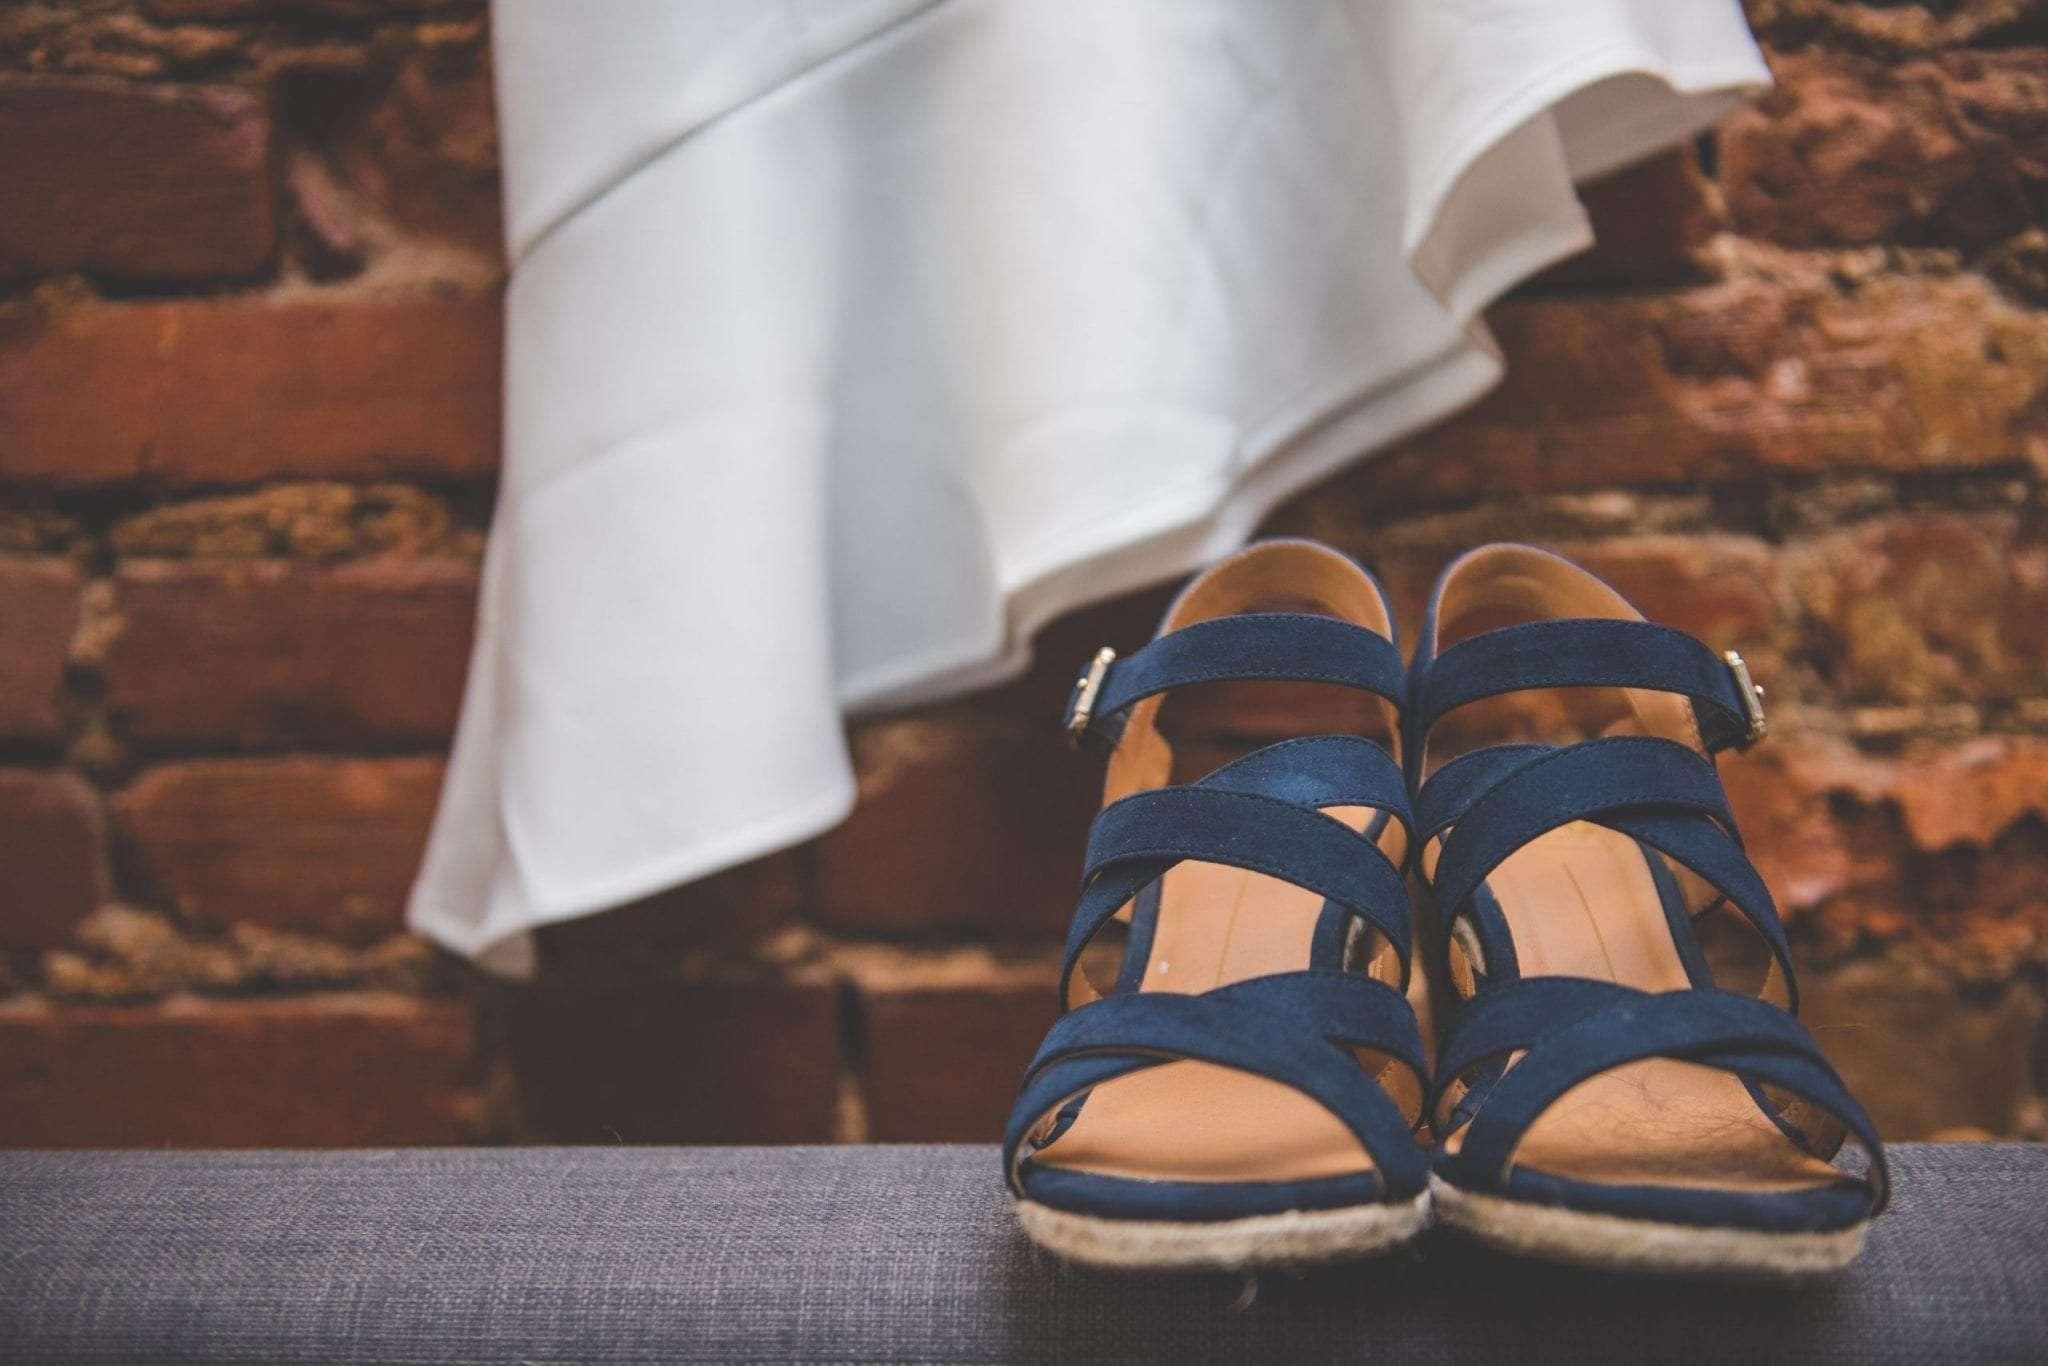 Unique brides shoes blue suede wedding shoes